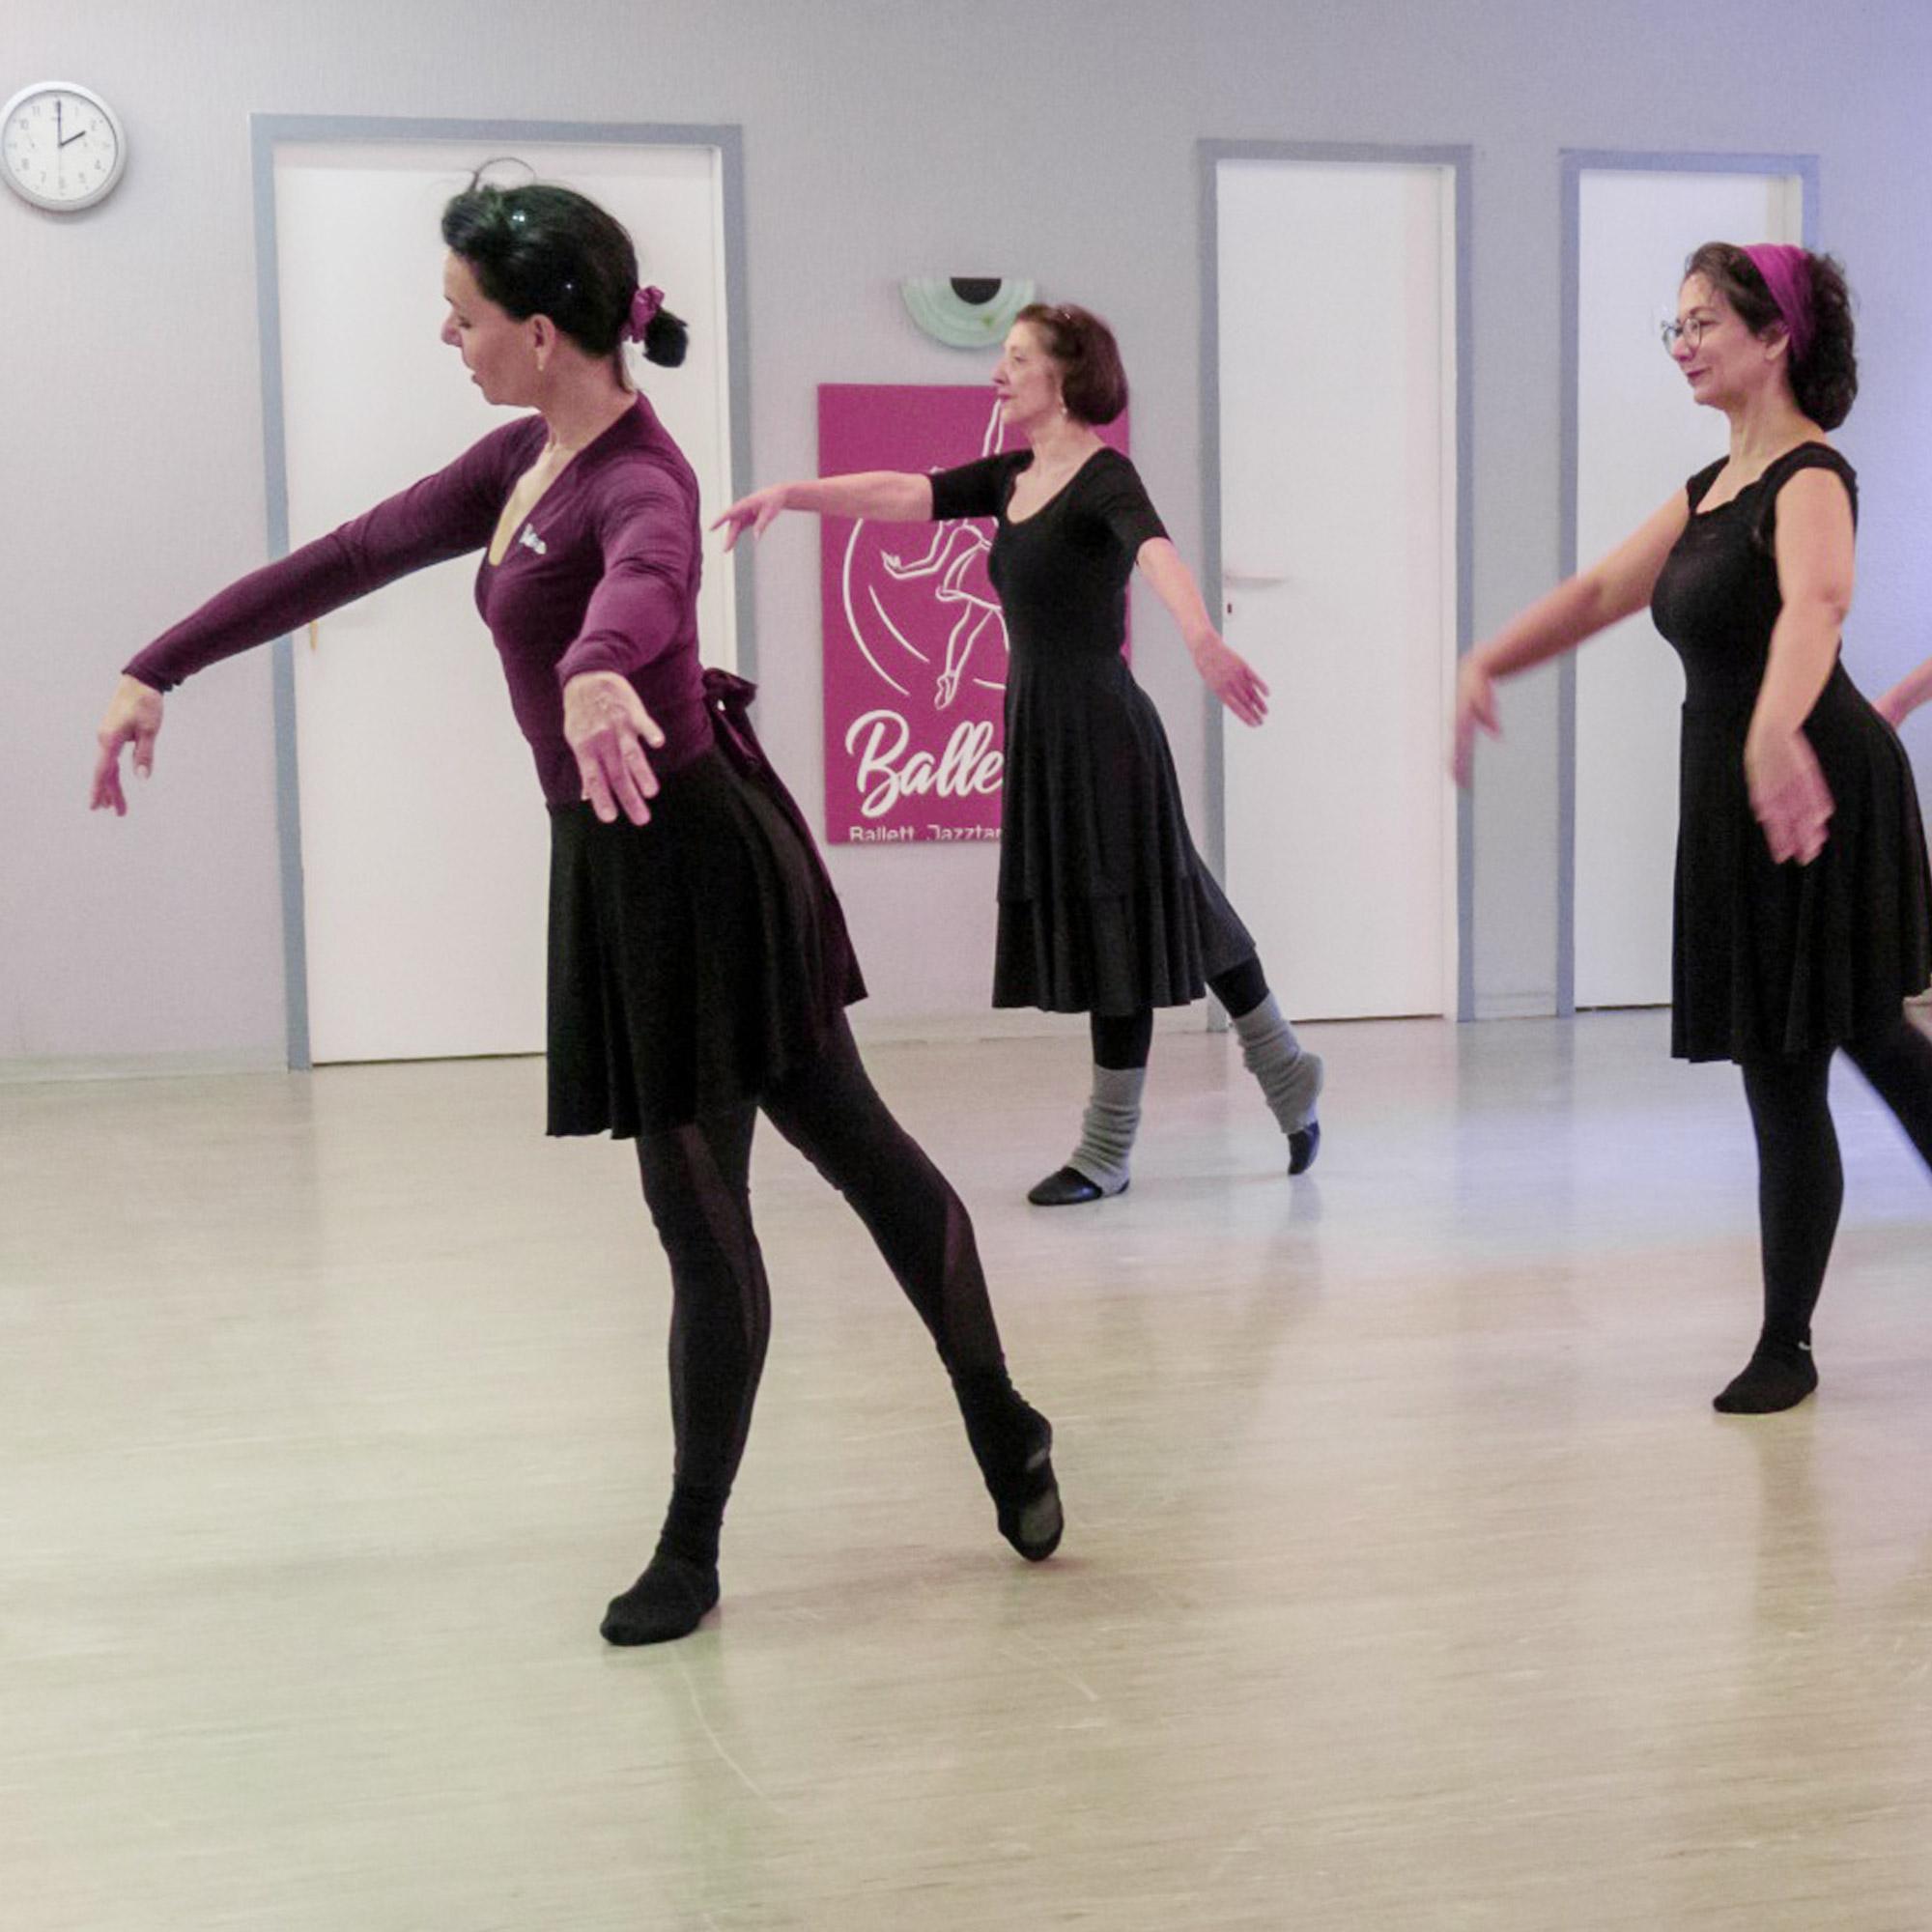 Ballerita_Ballett_Jazz_Tanz_Training_Mülheim_Duisburg_Jazz-2